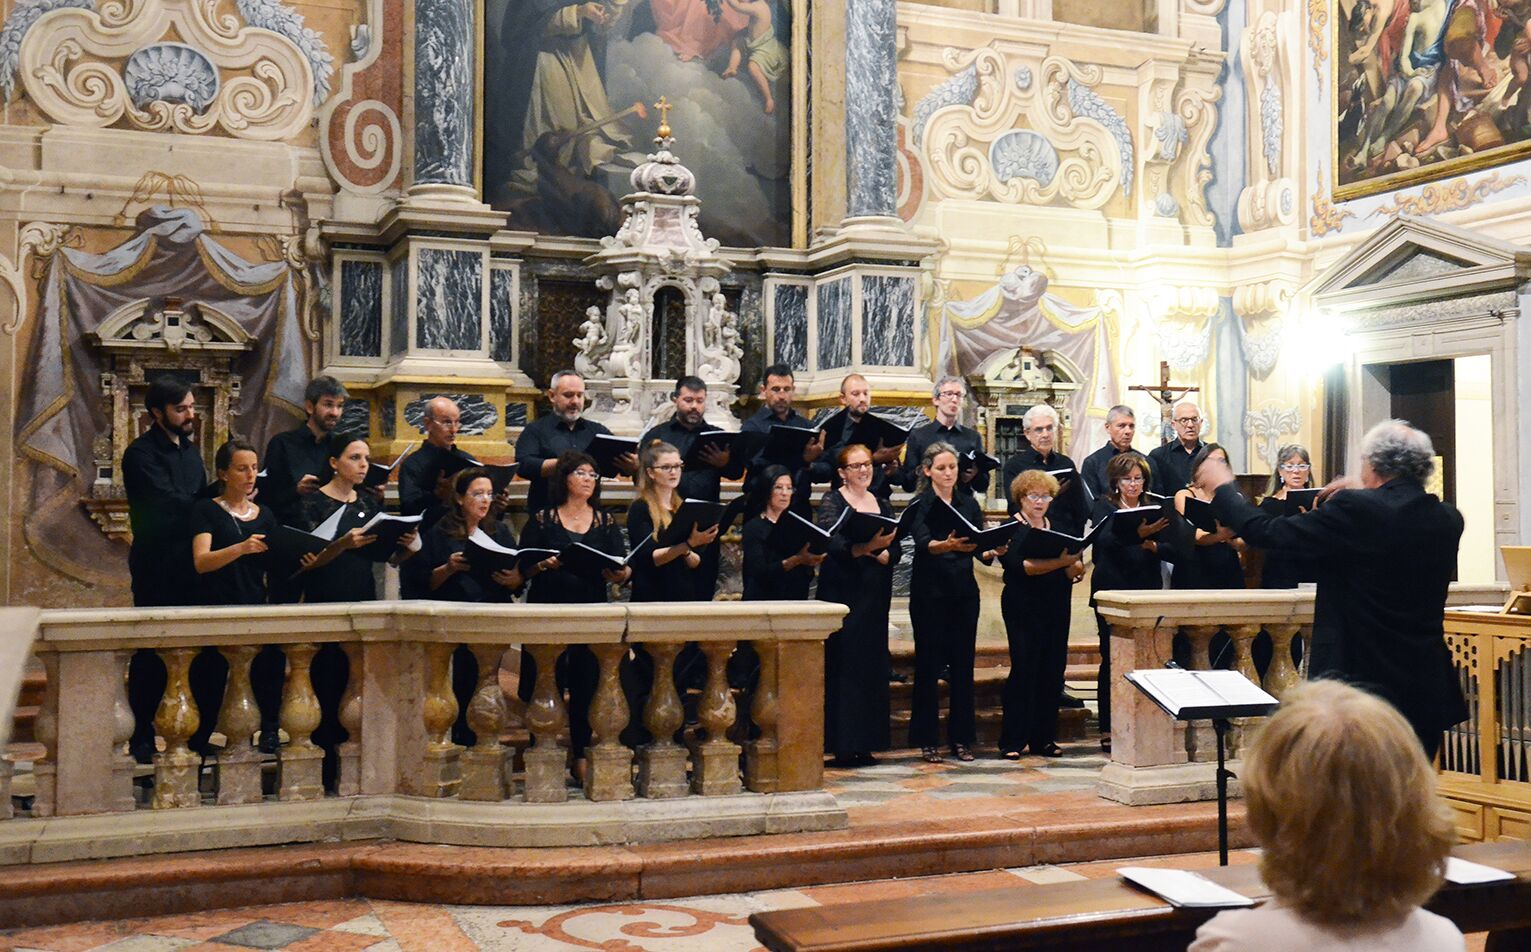 24.09.2016 - Concerto corale (chiesa di San Domenico, Verona)